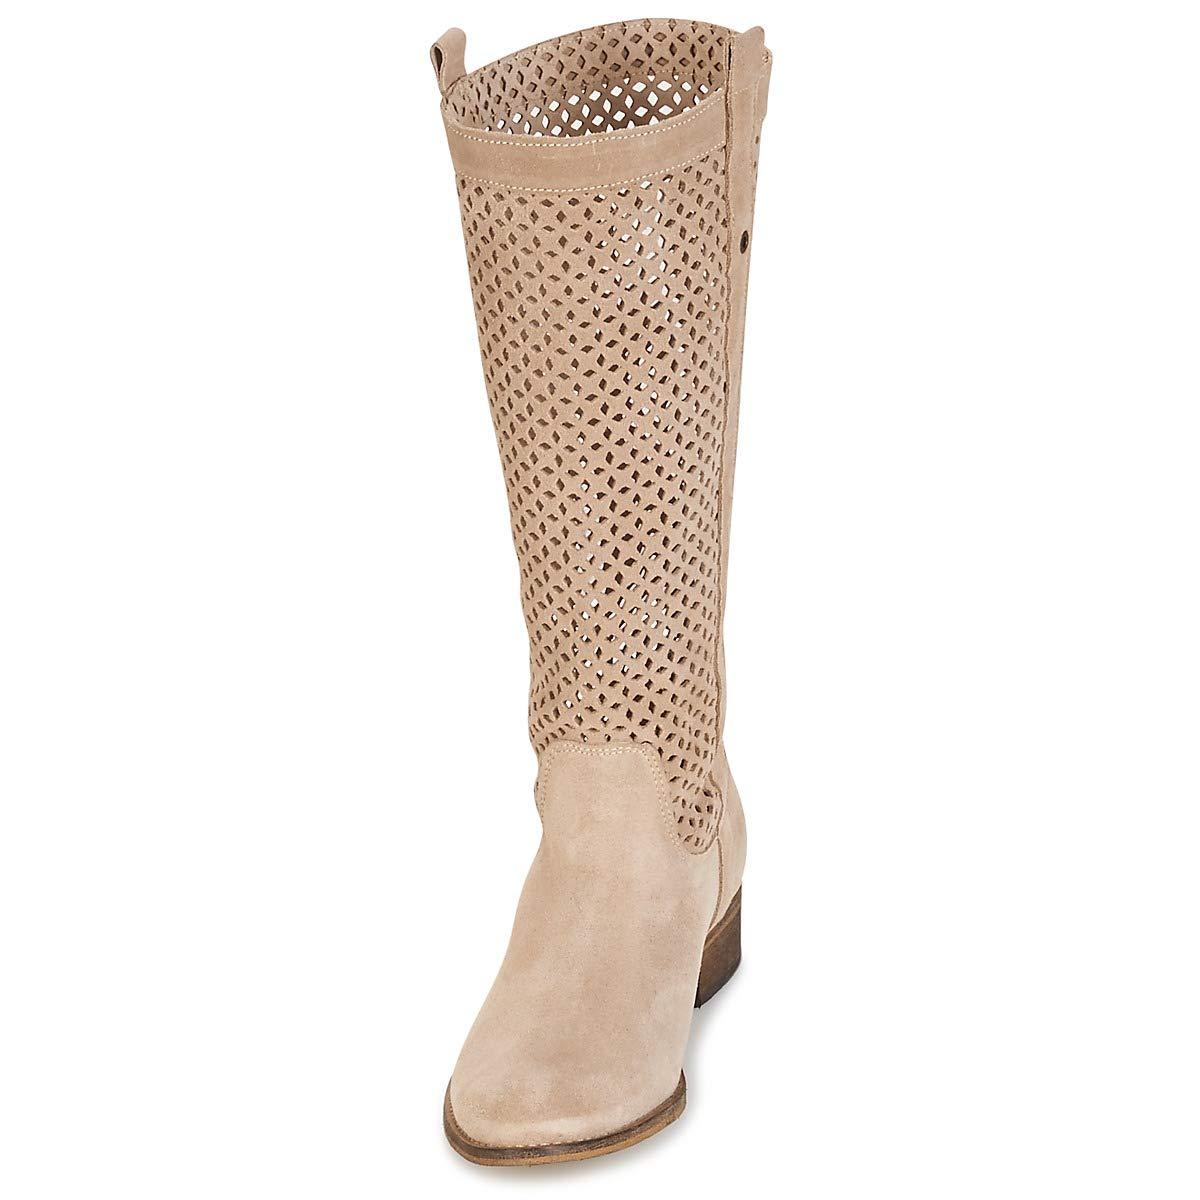 Betty London DIVOUI Stiefel Damen Damen Damen Beige Klassische Stiefel a8eb77